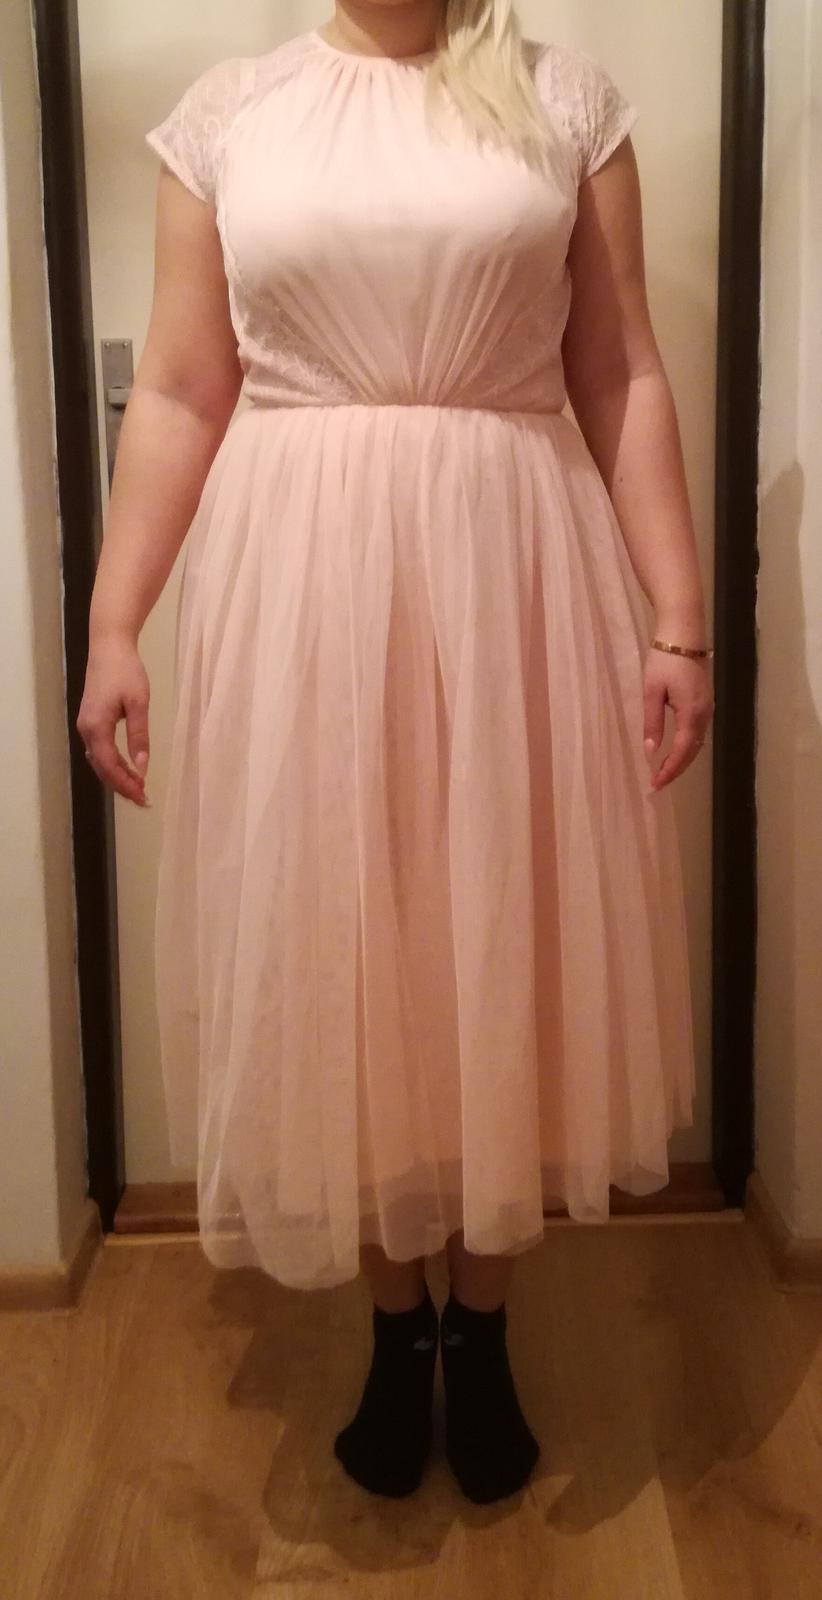 Staroružovē šaty veľkosti 10 - Obrázok č. 1